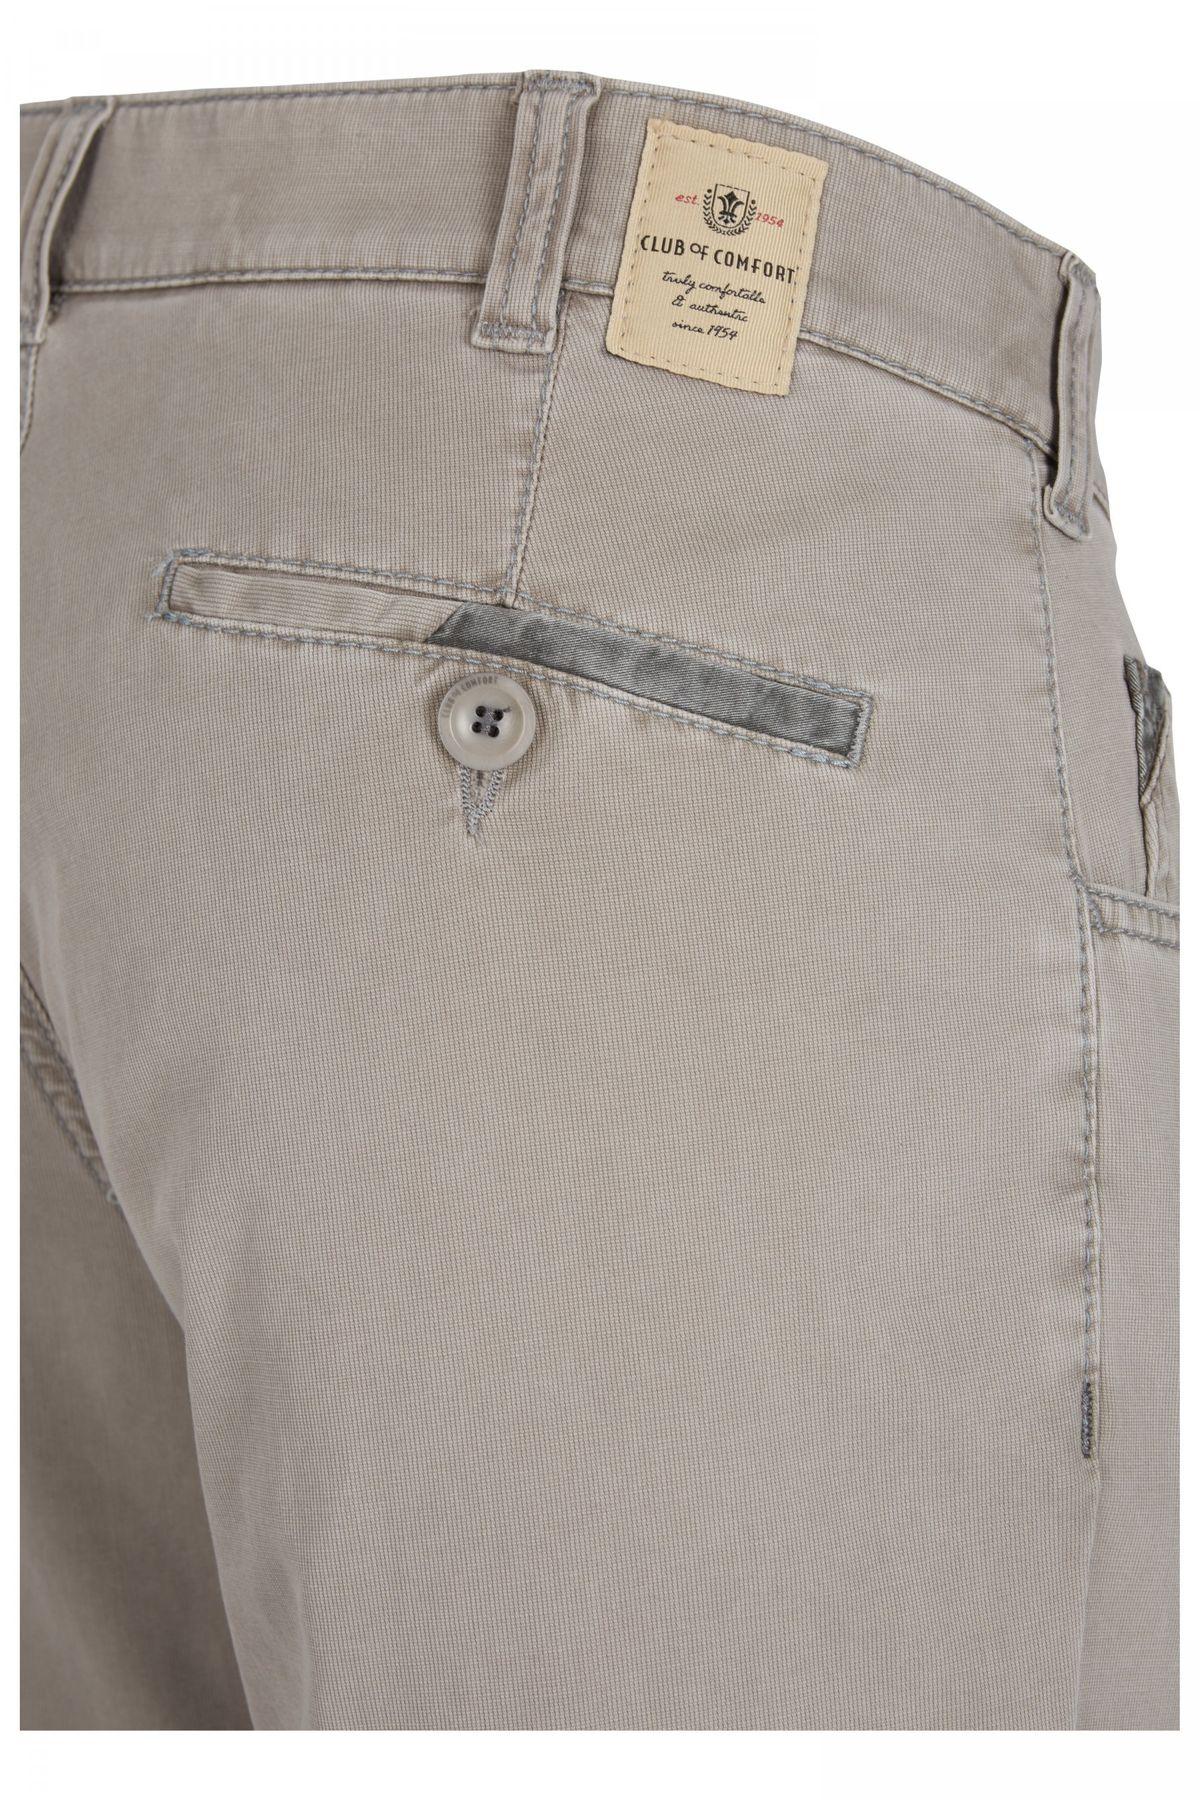 Bundle - Club of Comfort - Herren Swing Pocket Jeans, Regular Leg, in 3 Farben, Keno (6527) – Bild 4